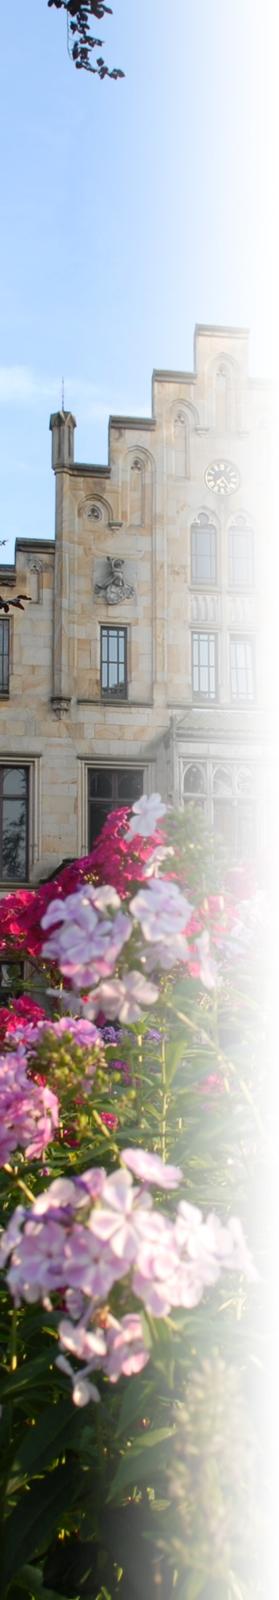 Schloss Ippenburg Bad Essen